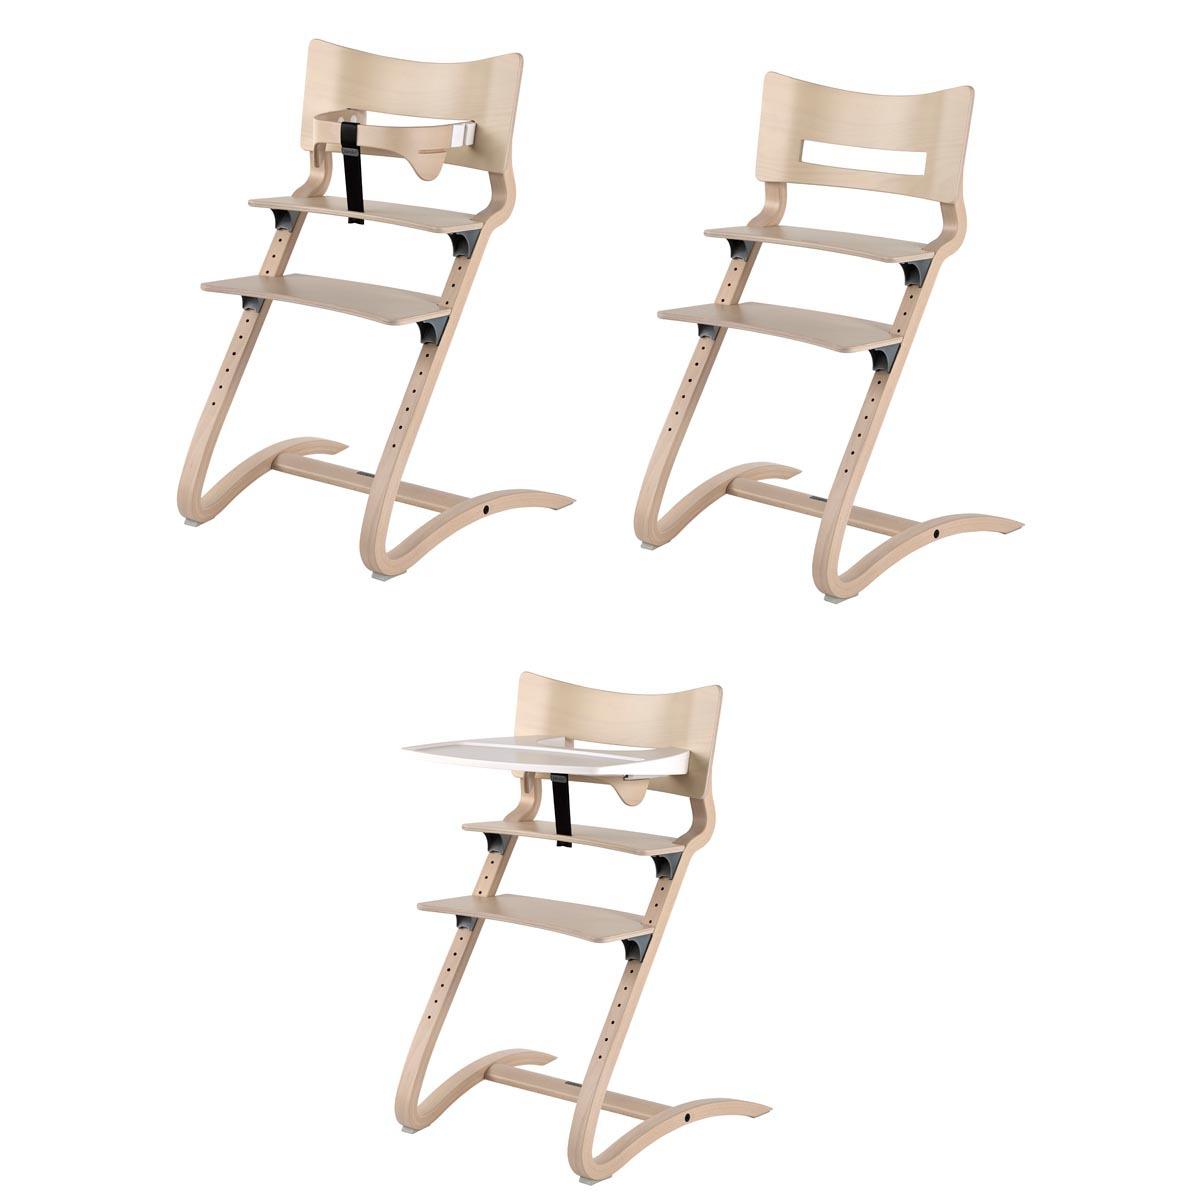 Chaise haute evolutive ceruse chacer achat vente for Chaise haute des la naissance